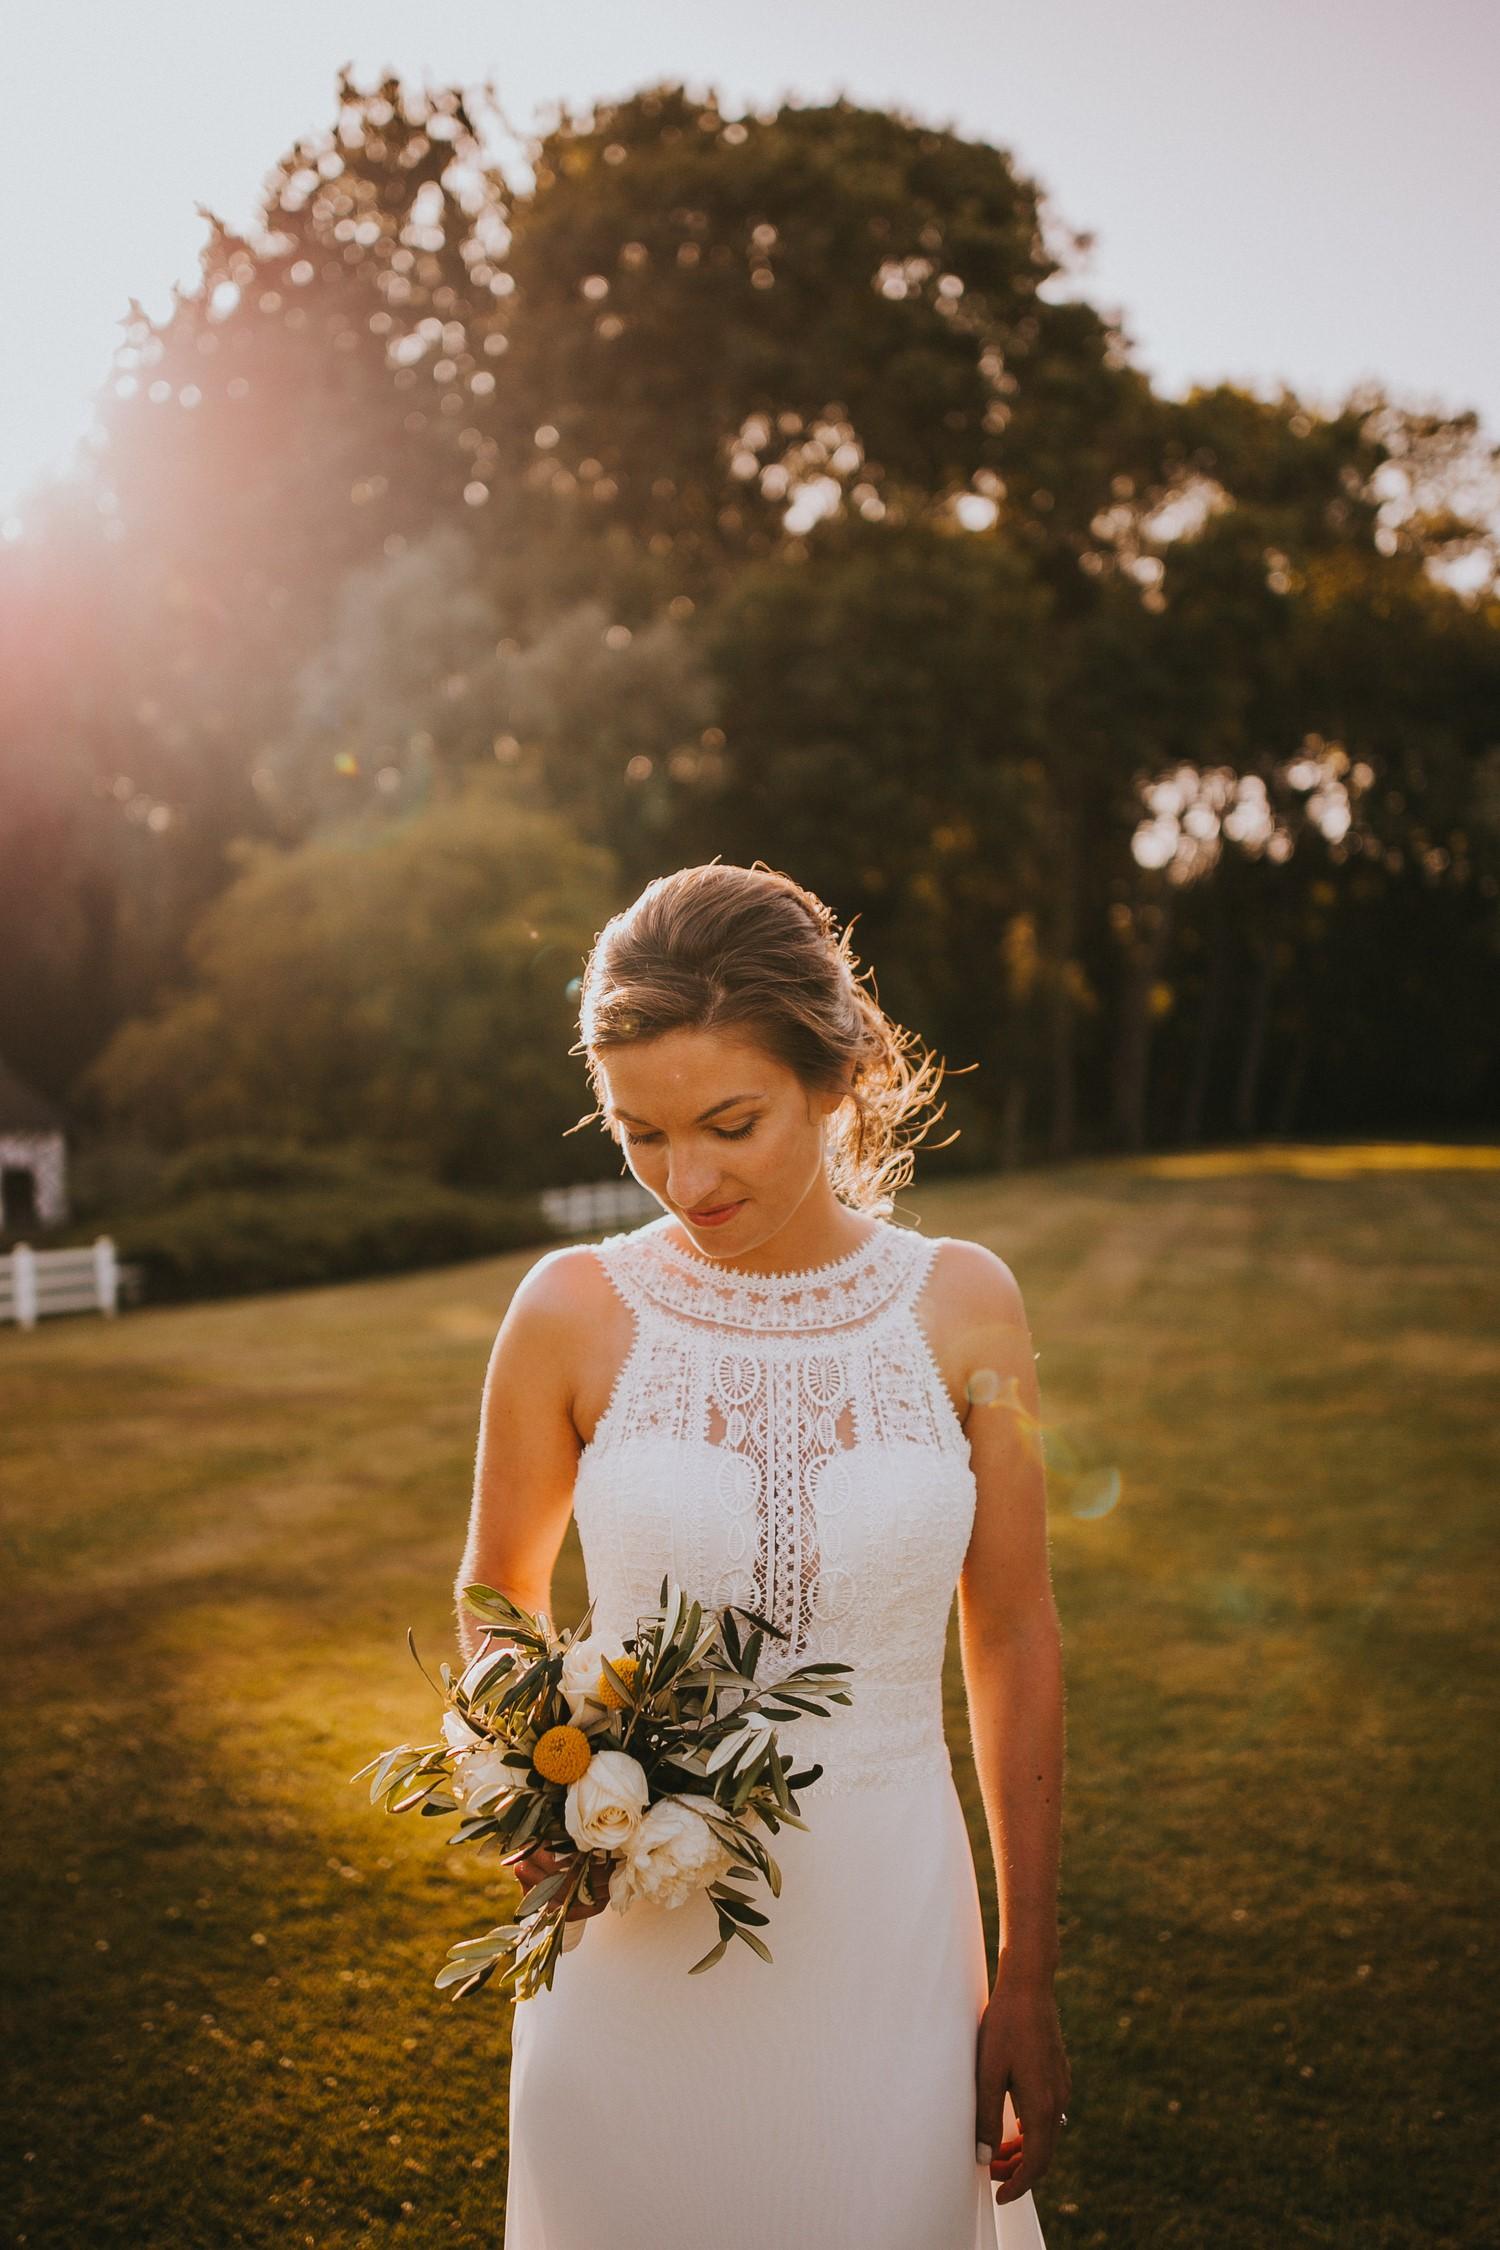 photographe mariage nord pas de calais 5